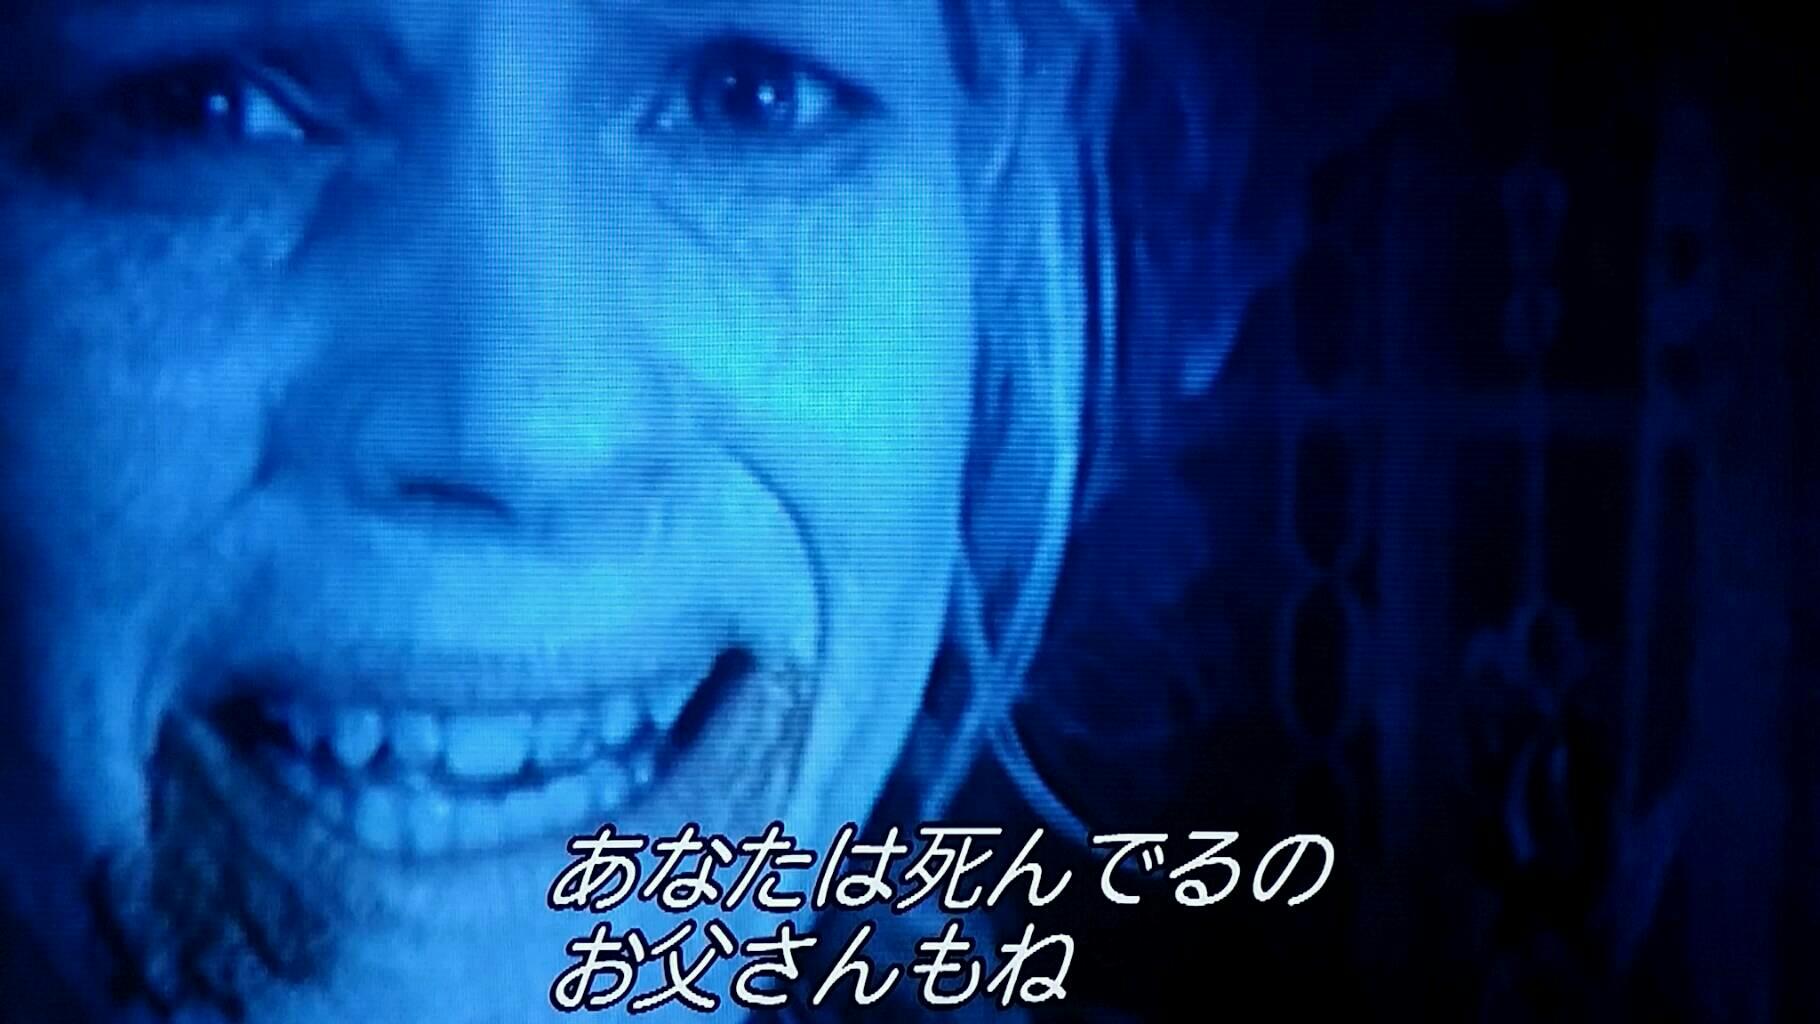 20171109222037775.jpg